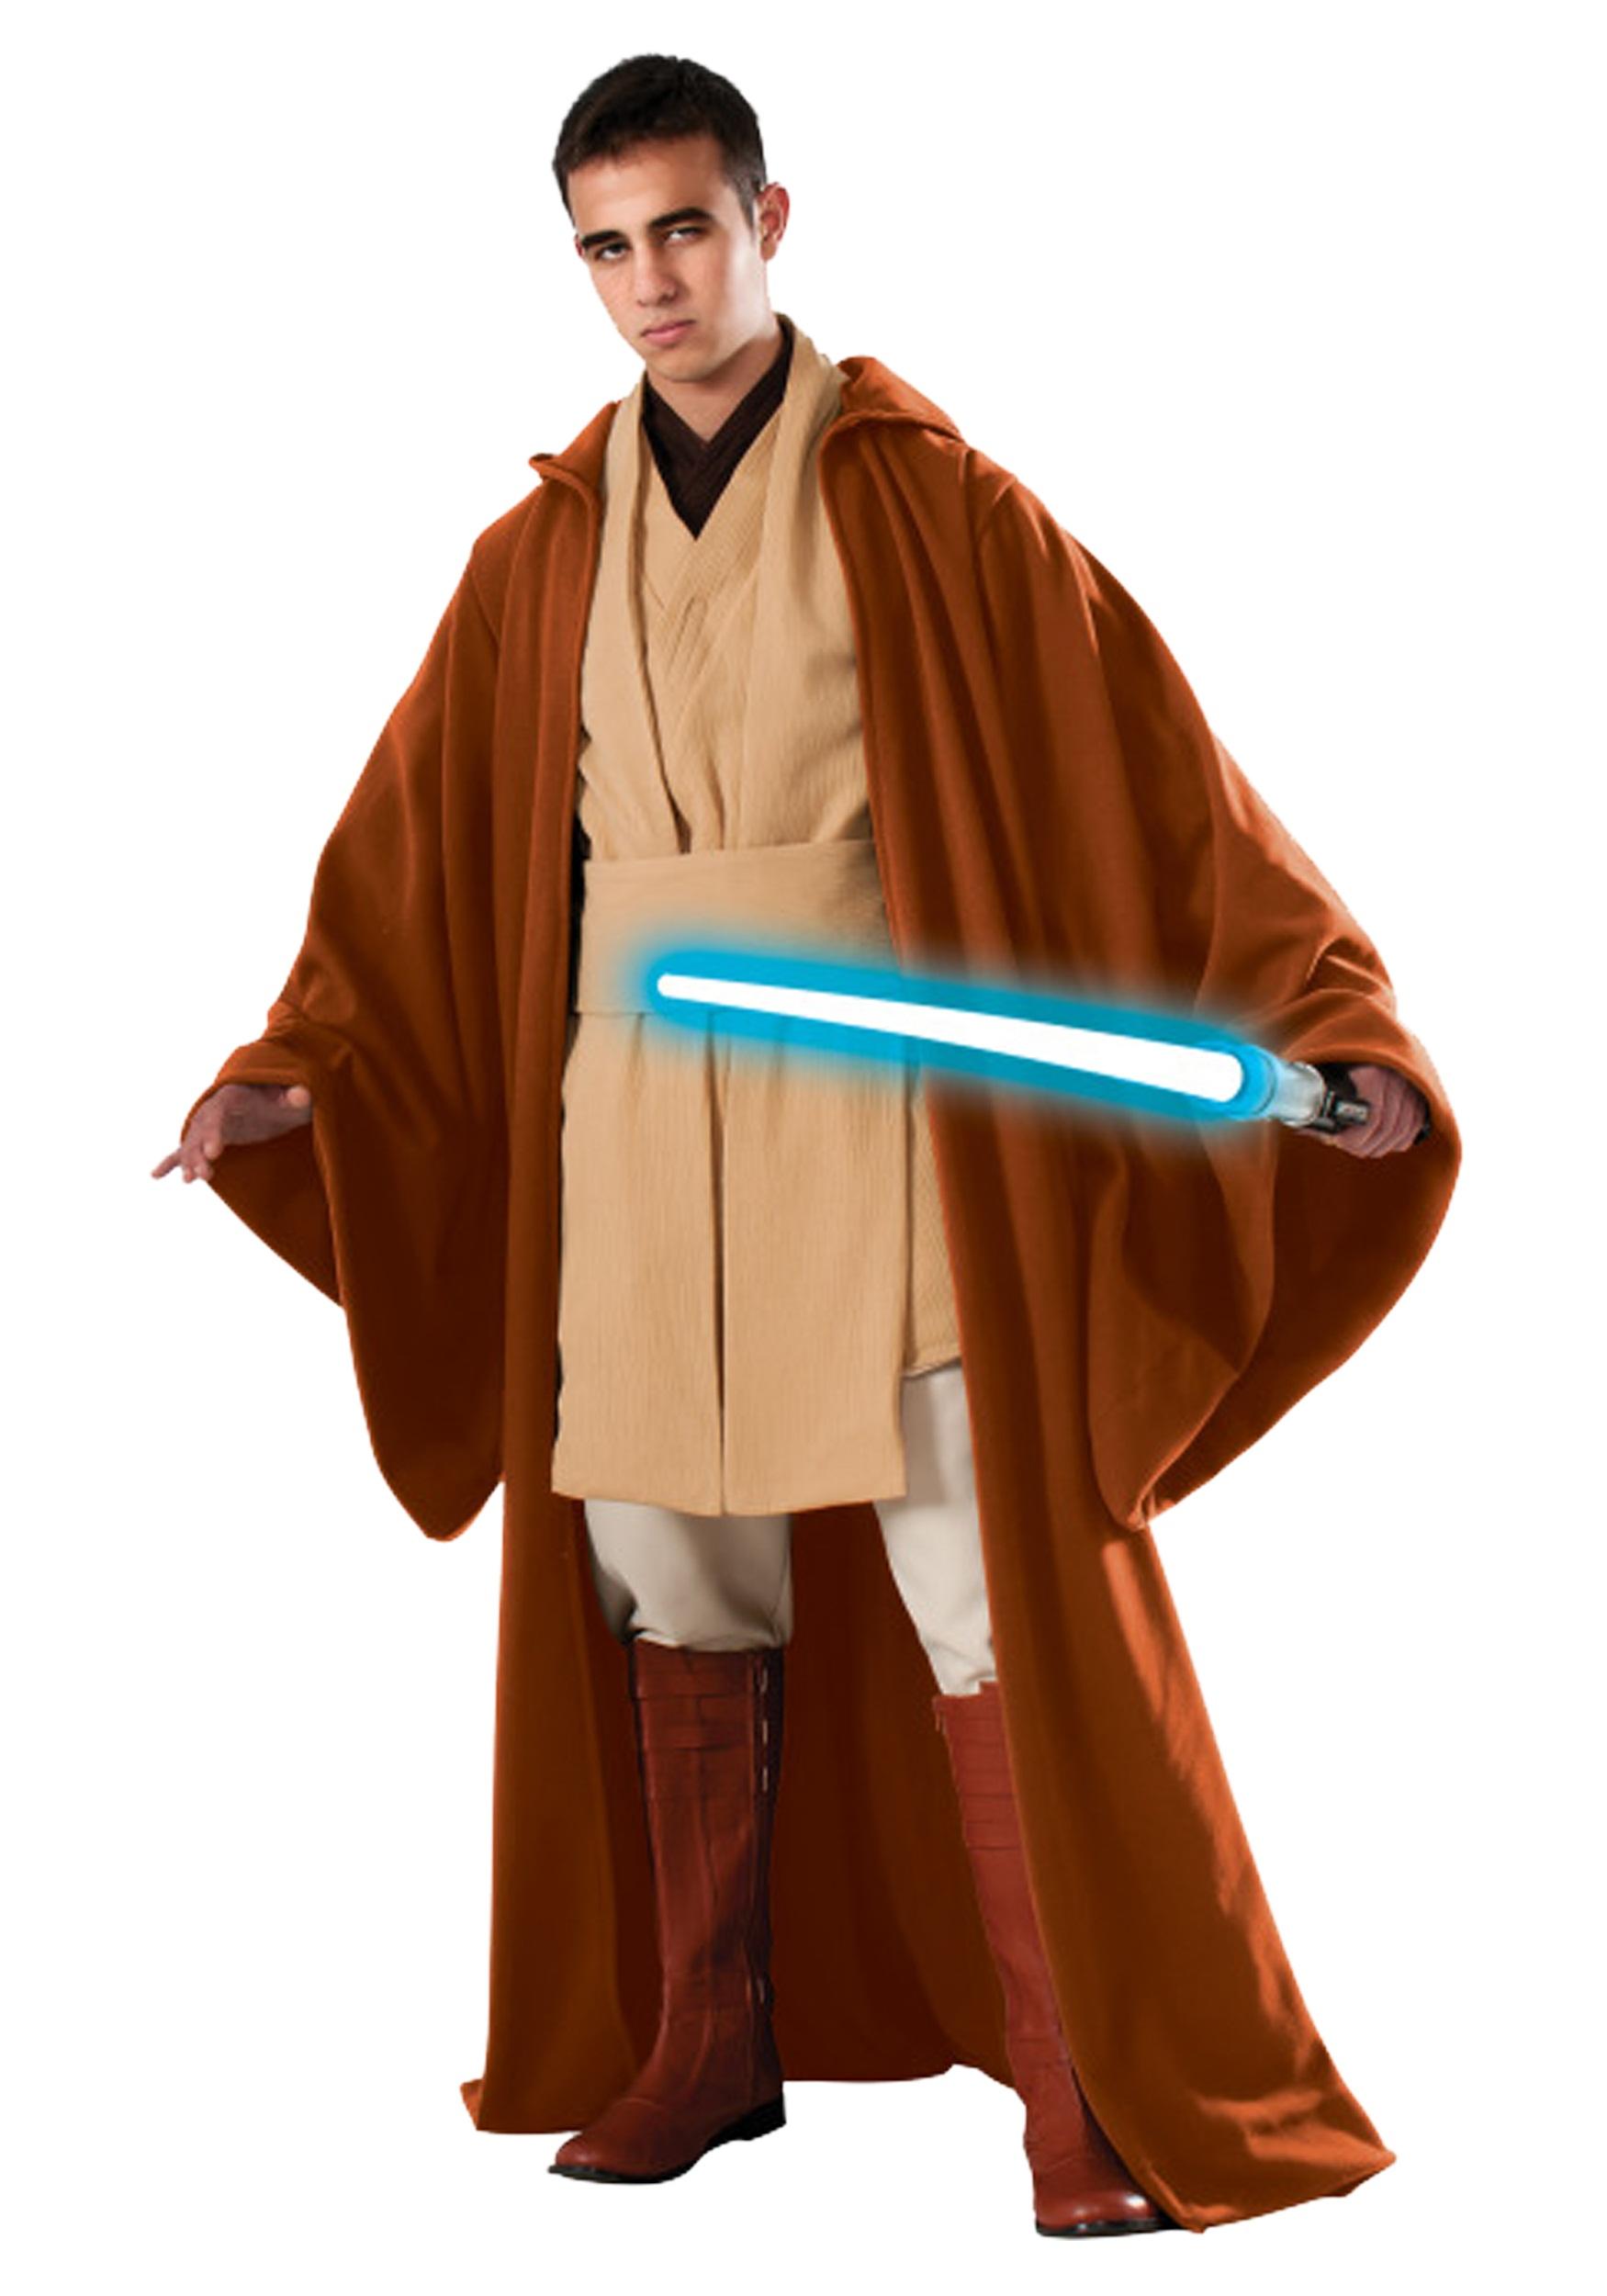 deguisement adulte obi wan kenobi